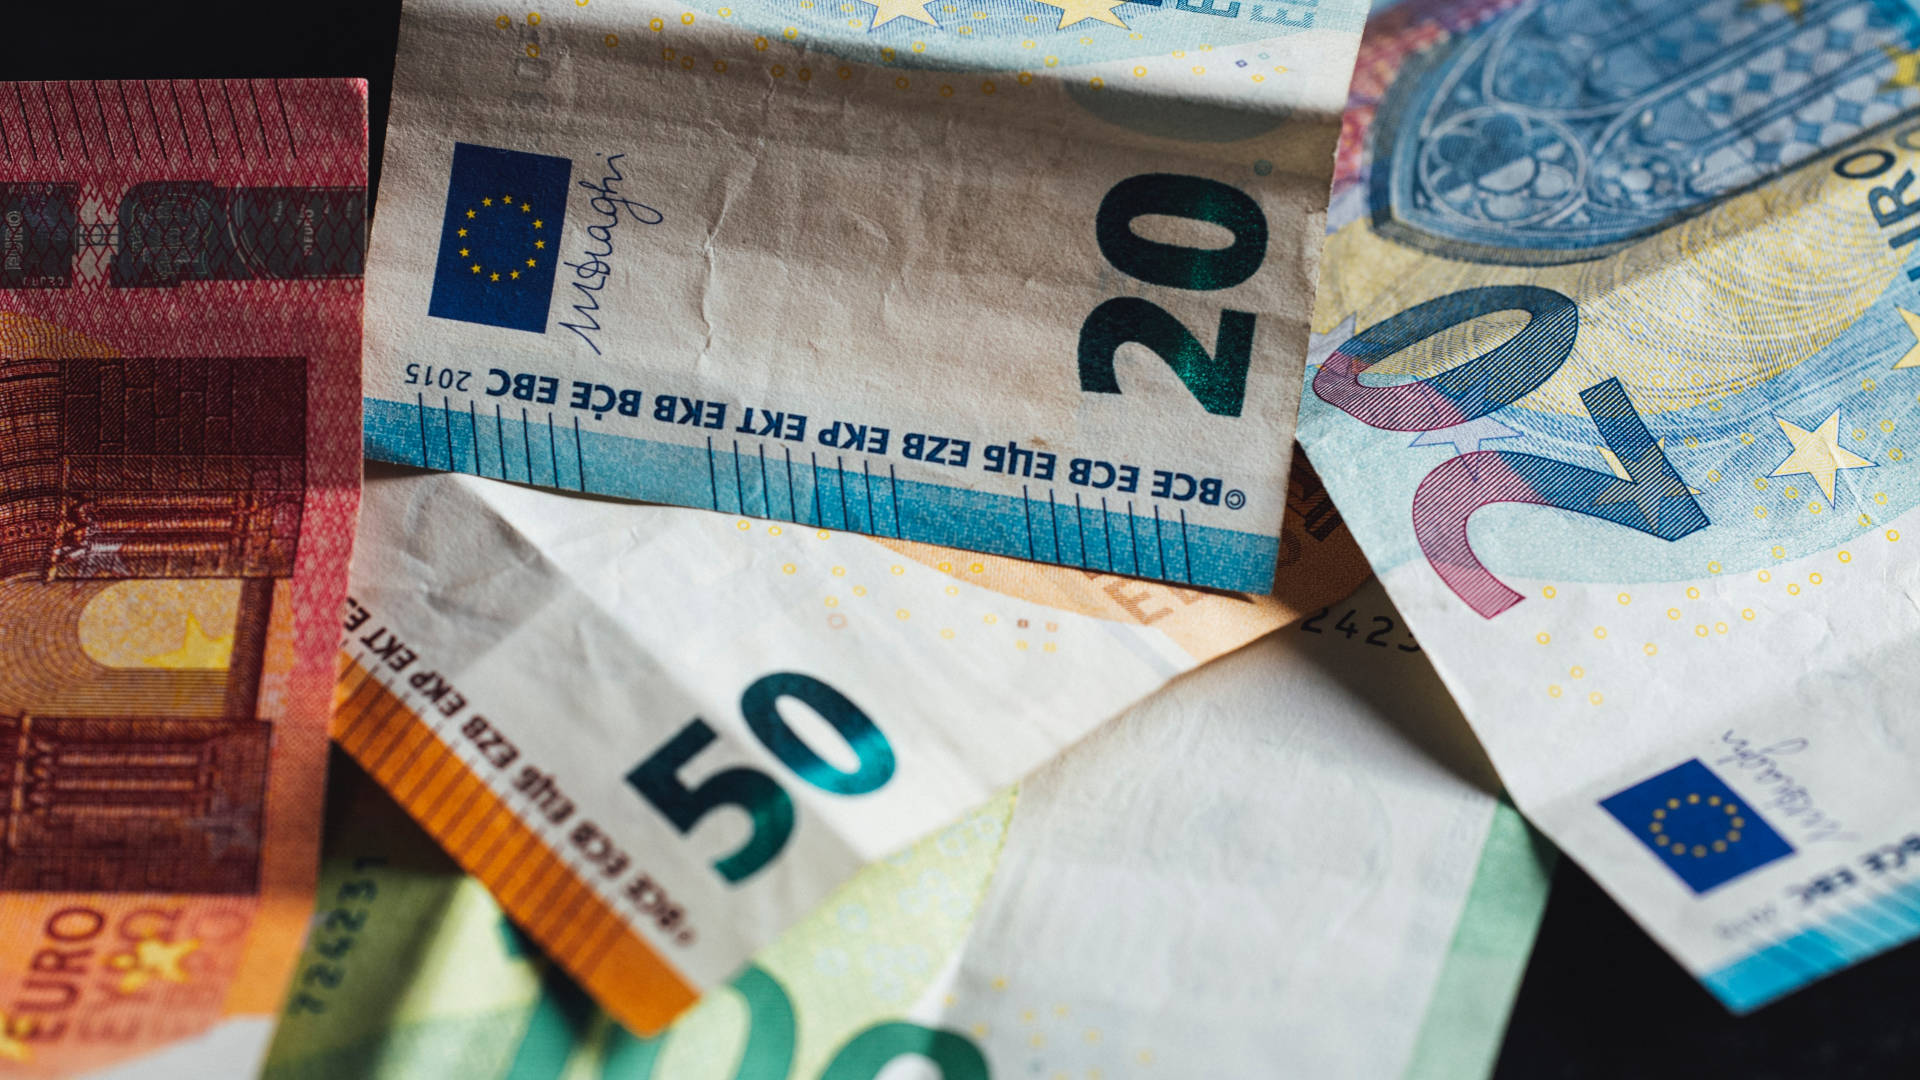 Geldscheine liegen nebeneinander